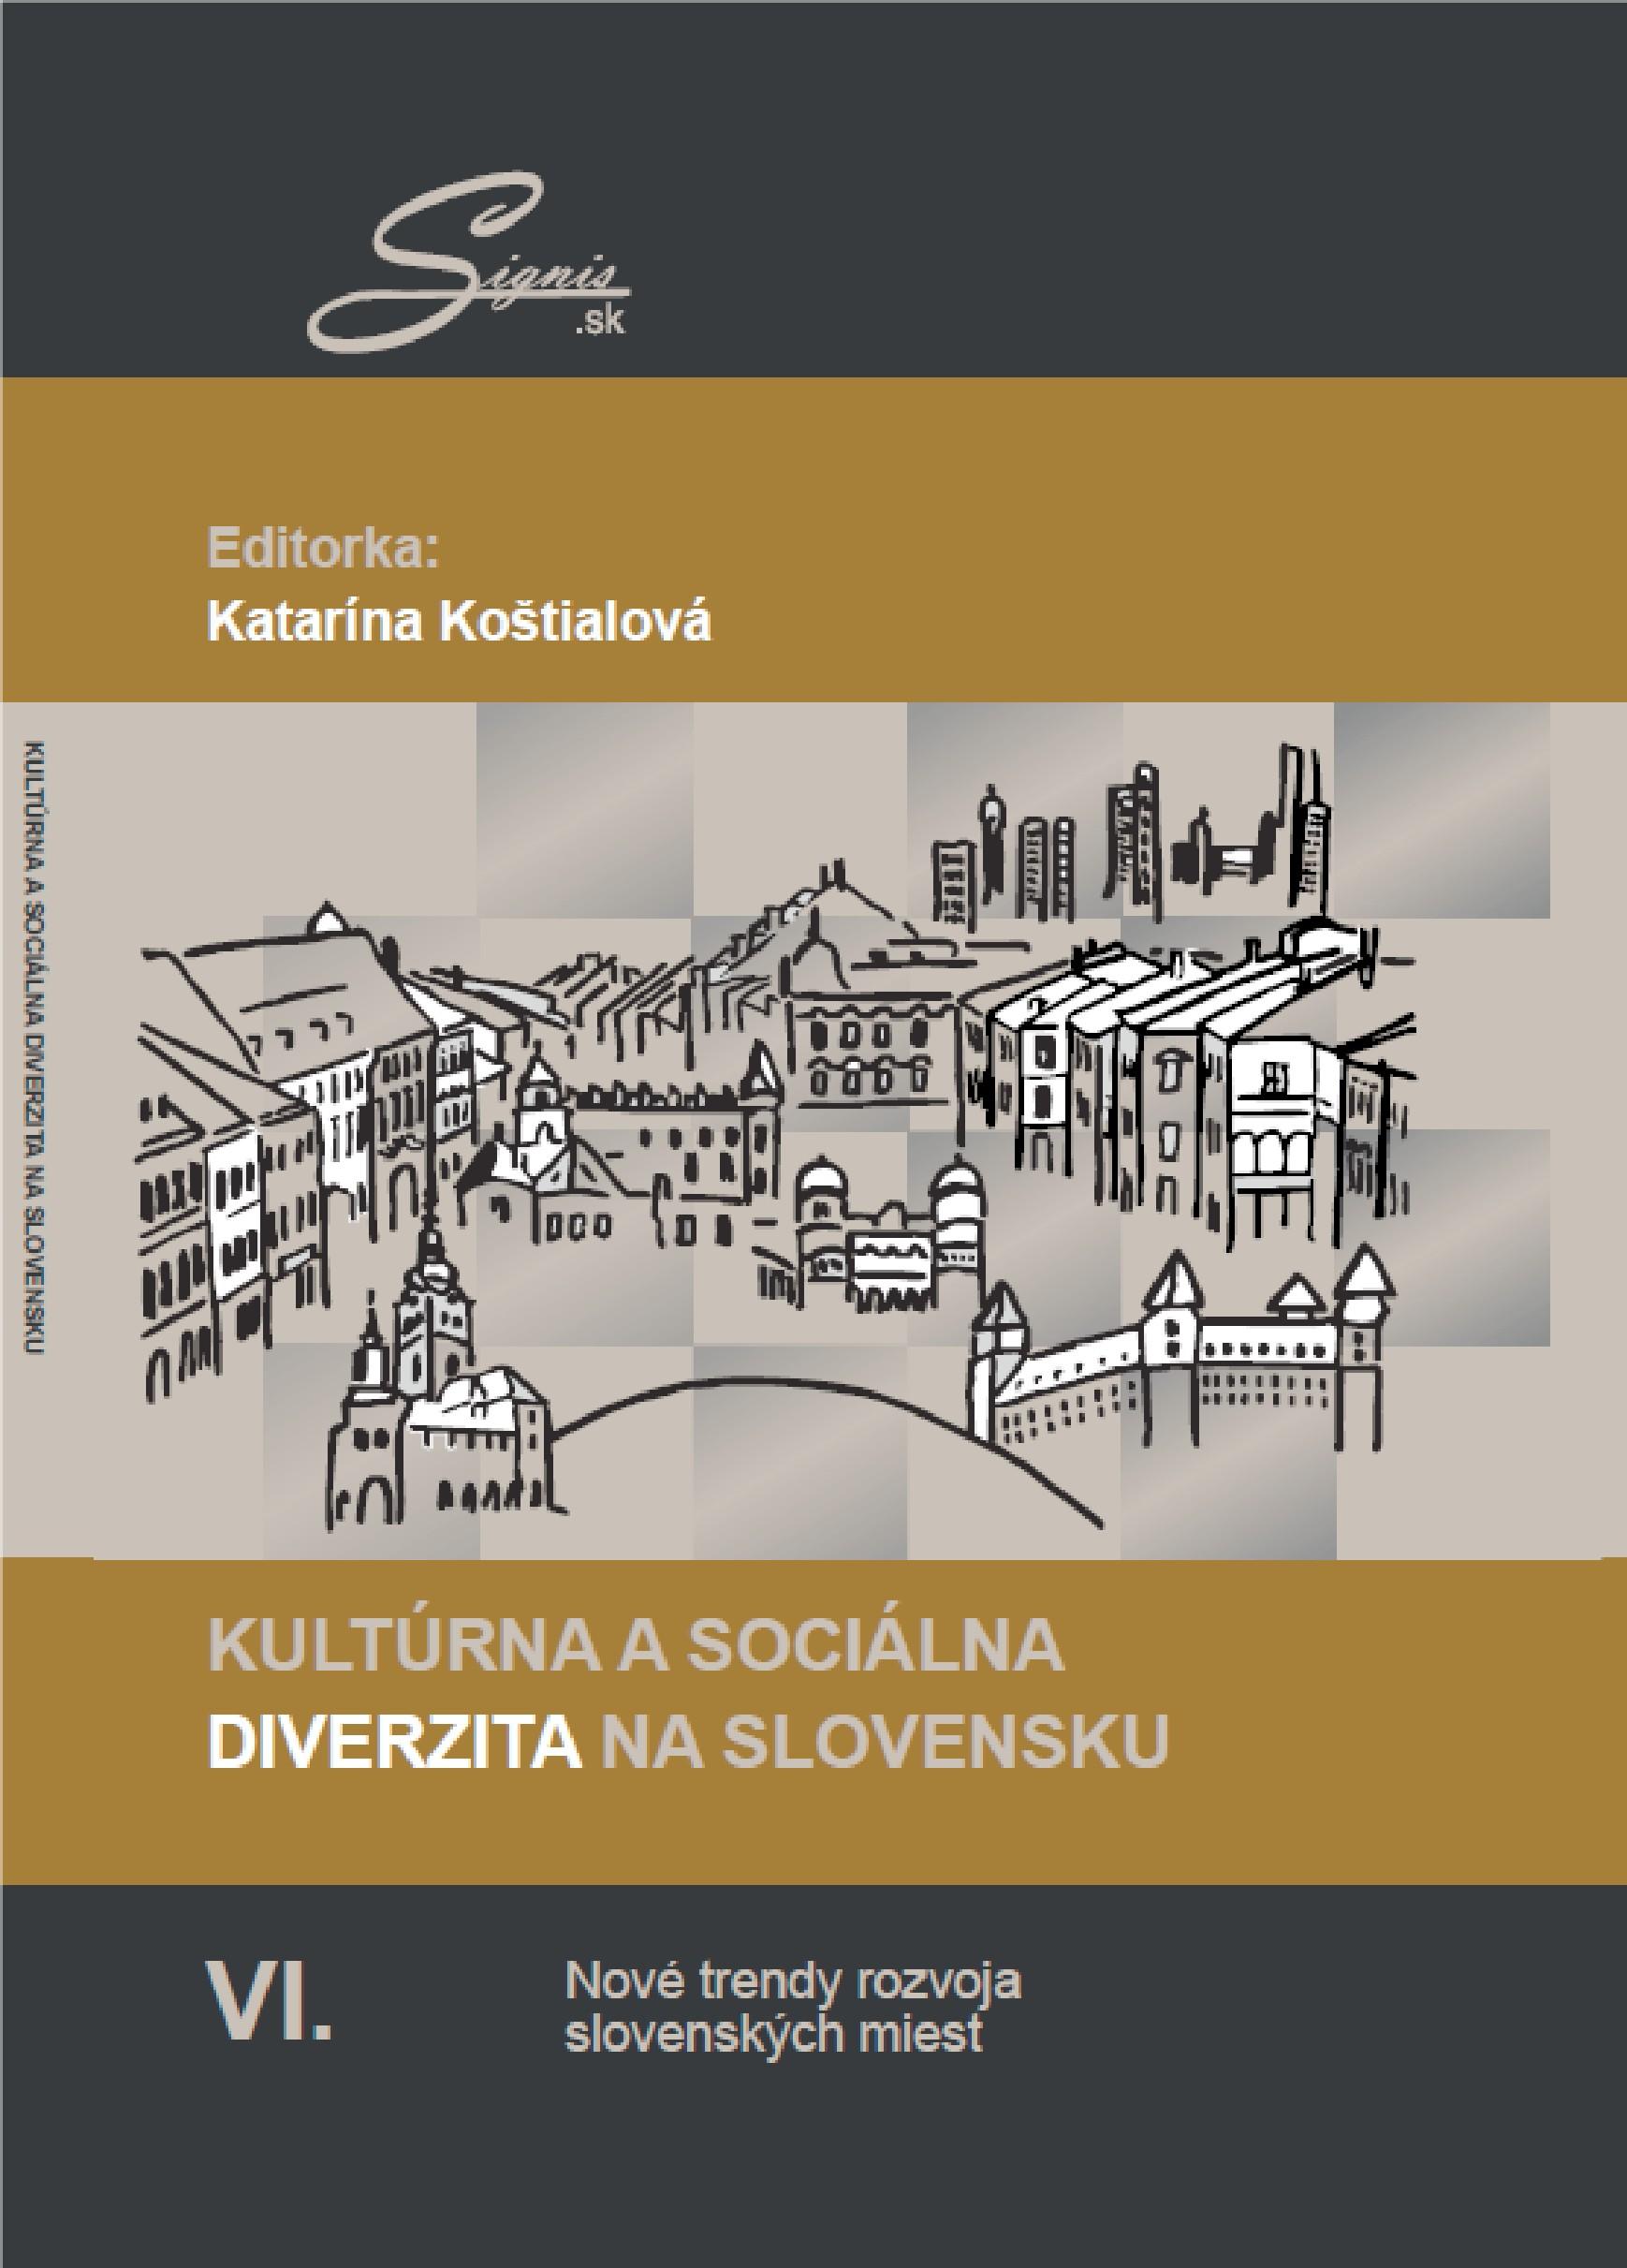 Kultúrna a sociálna diverzita na Slovensku VI. Nové trendy rozvoja slovenskýhc miest